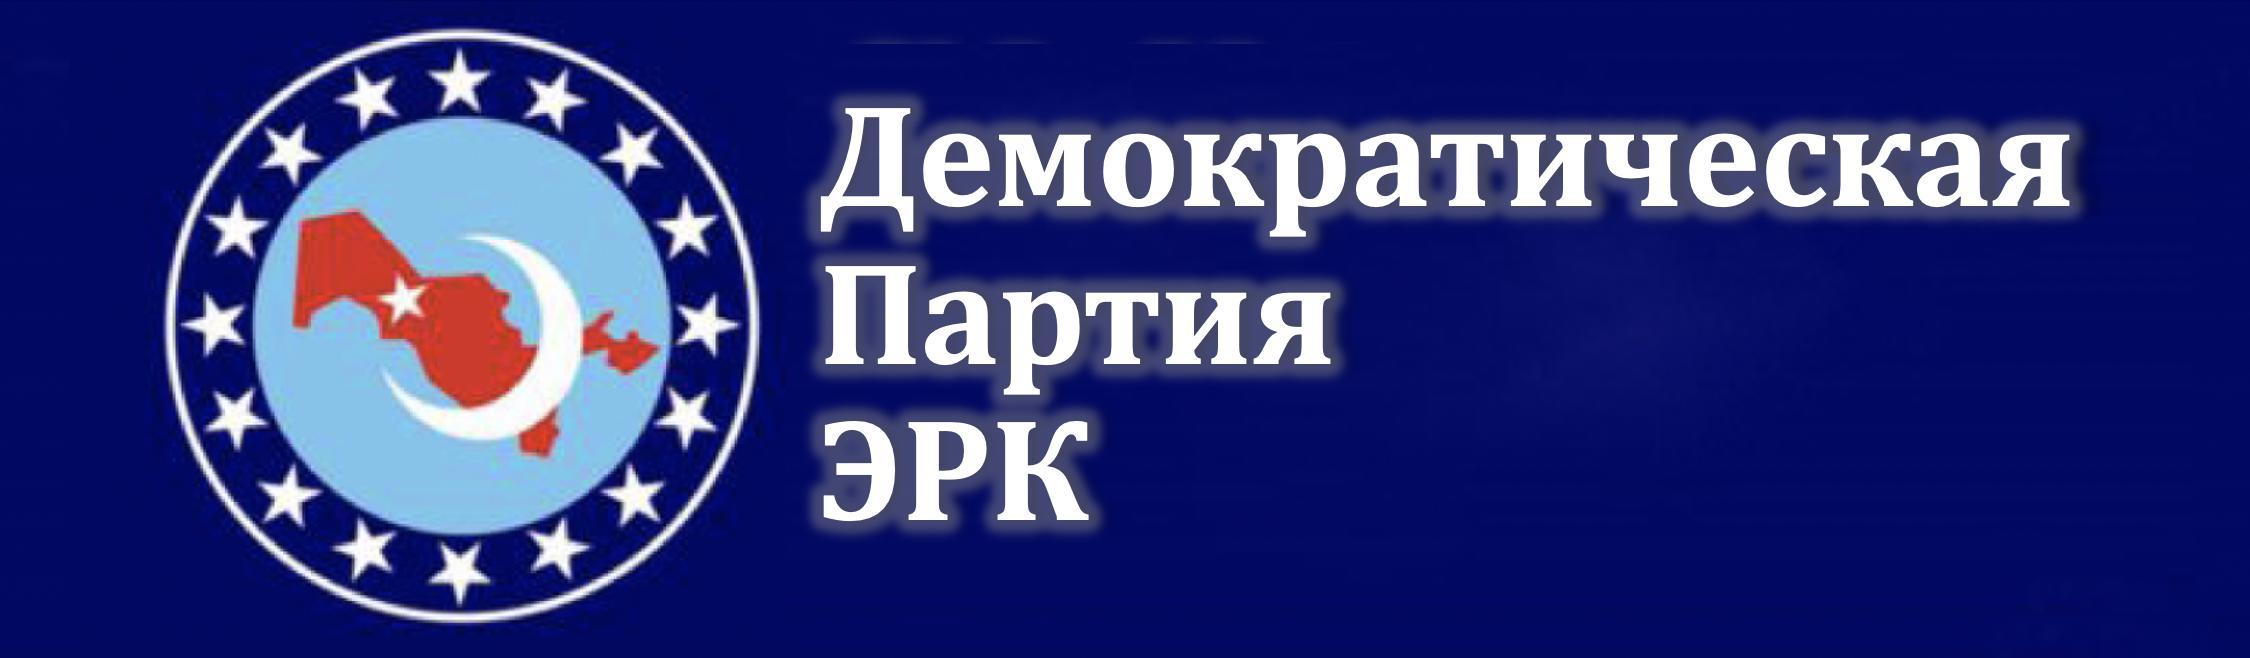 Демократическая Партия ЭРК